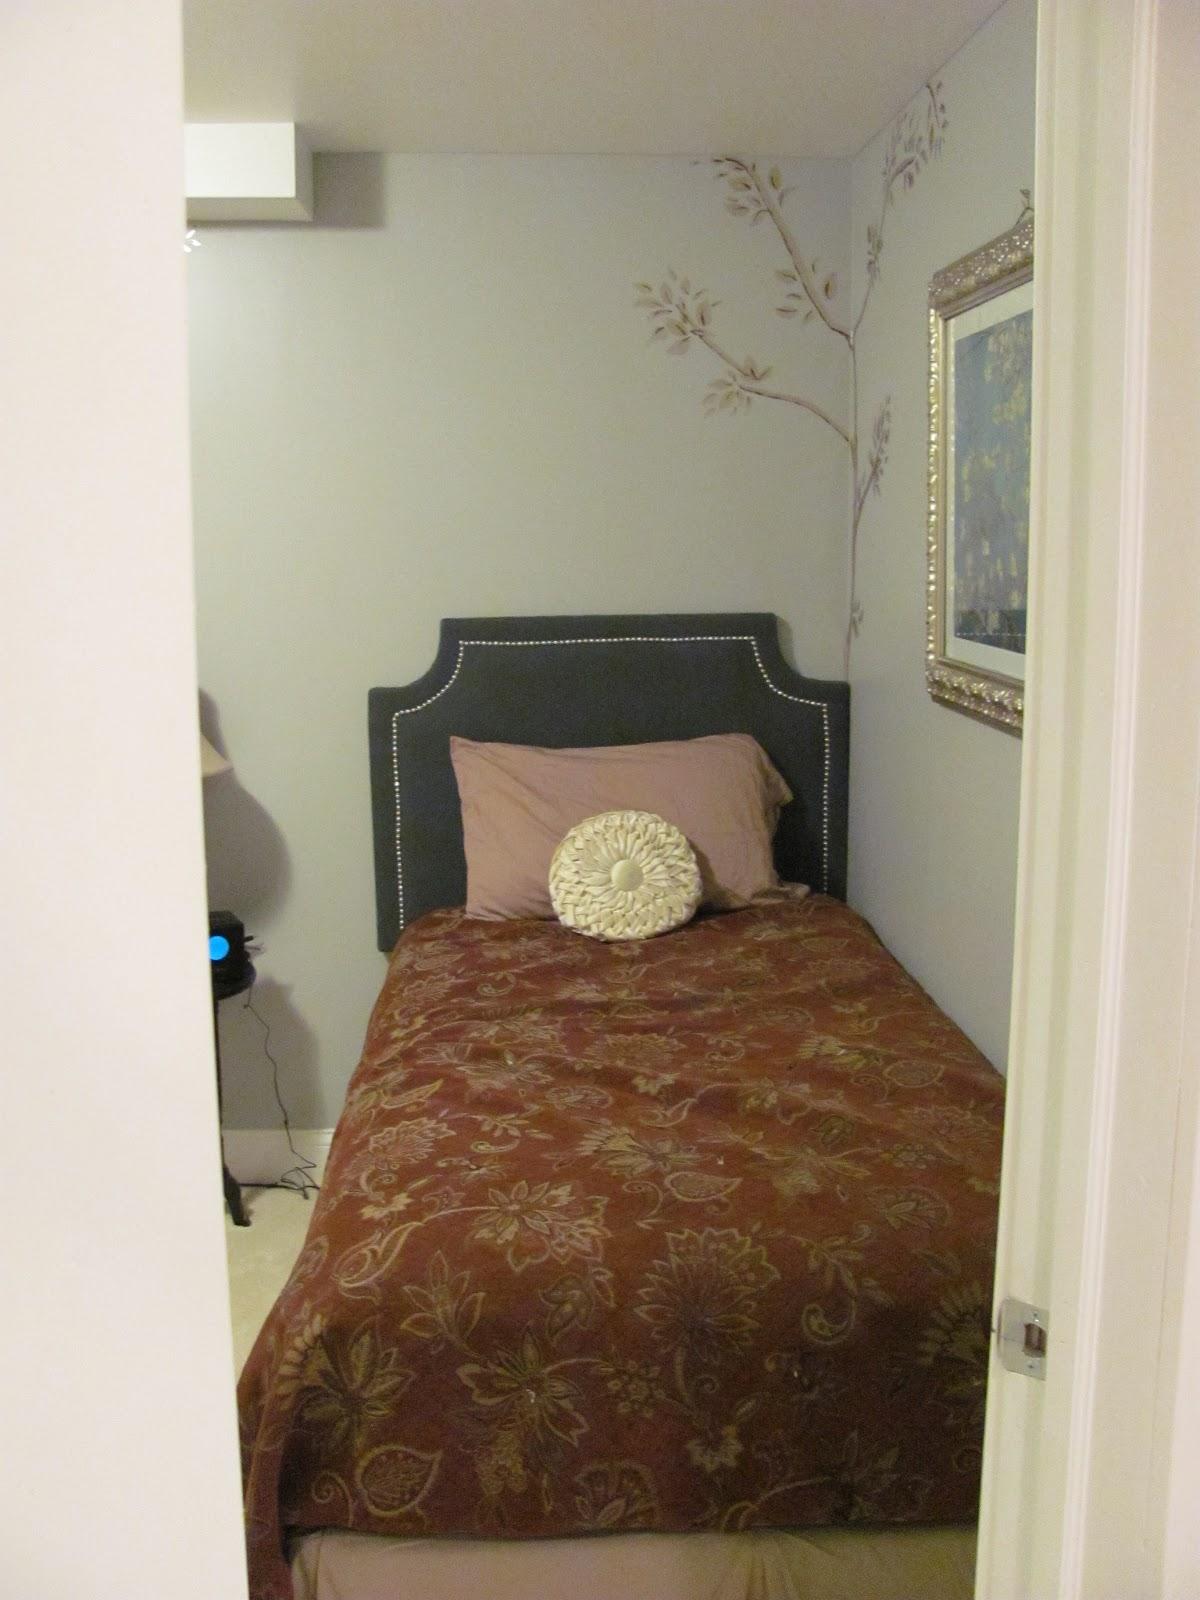 http://3.bp.blogspot.com/-7d4loe01IwI/TaYOhjHIB5I/AAAAAAAABIs/4-U7-RGbozY/s1600/basement+008.jpg